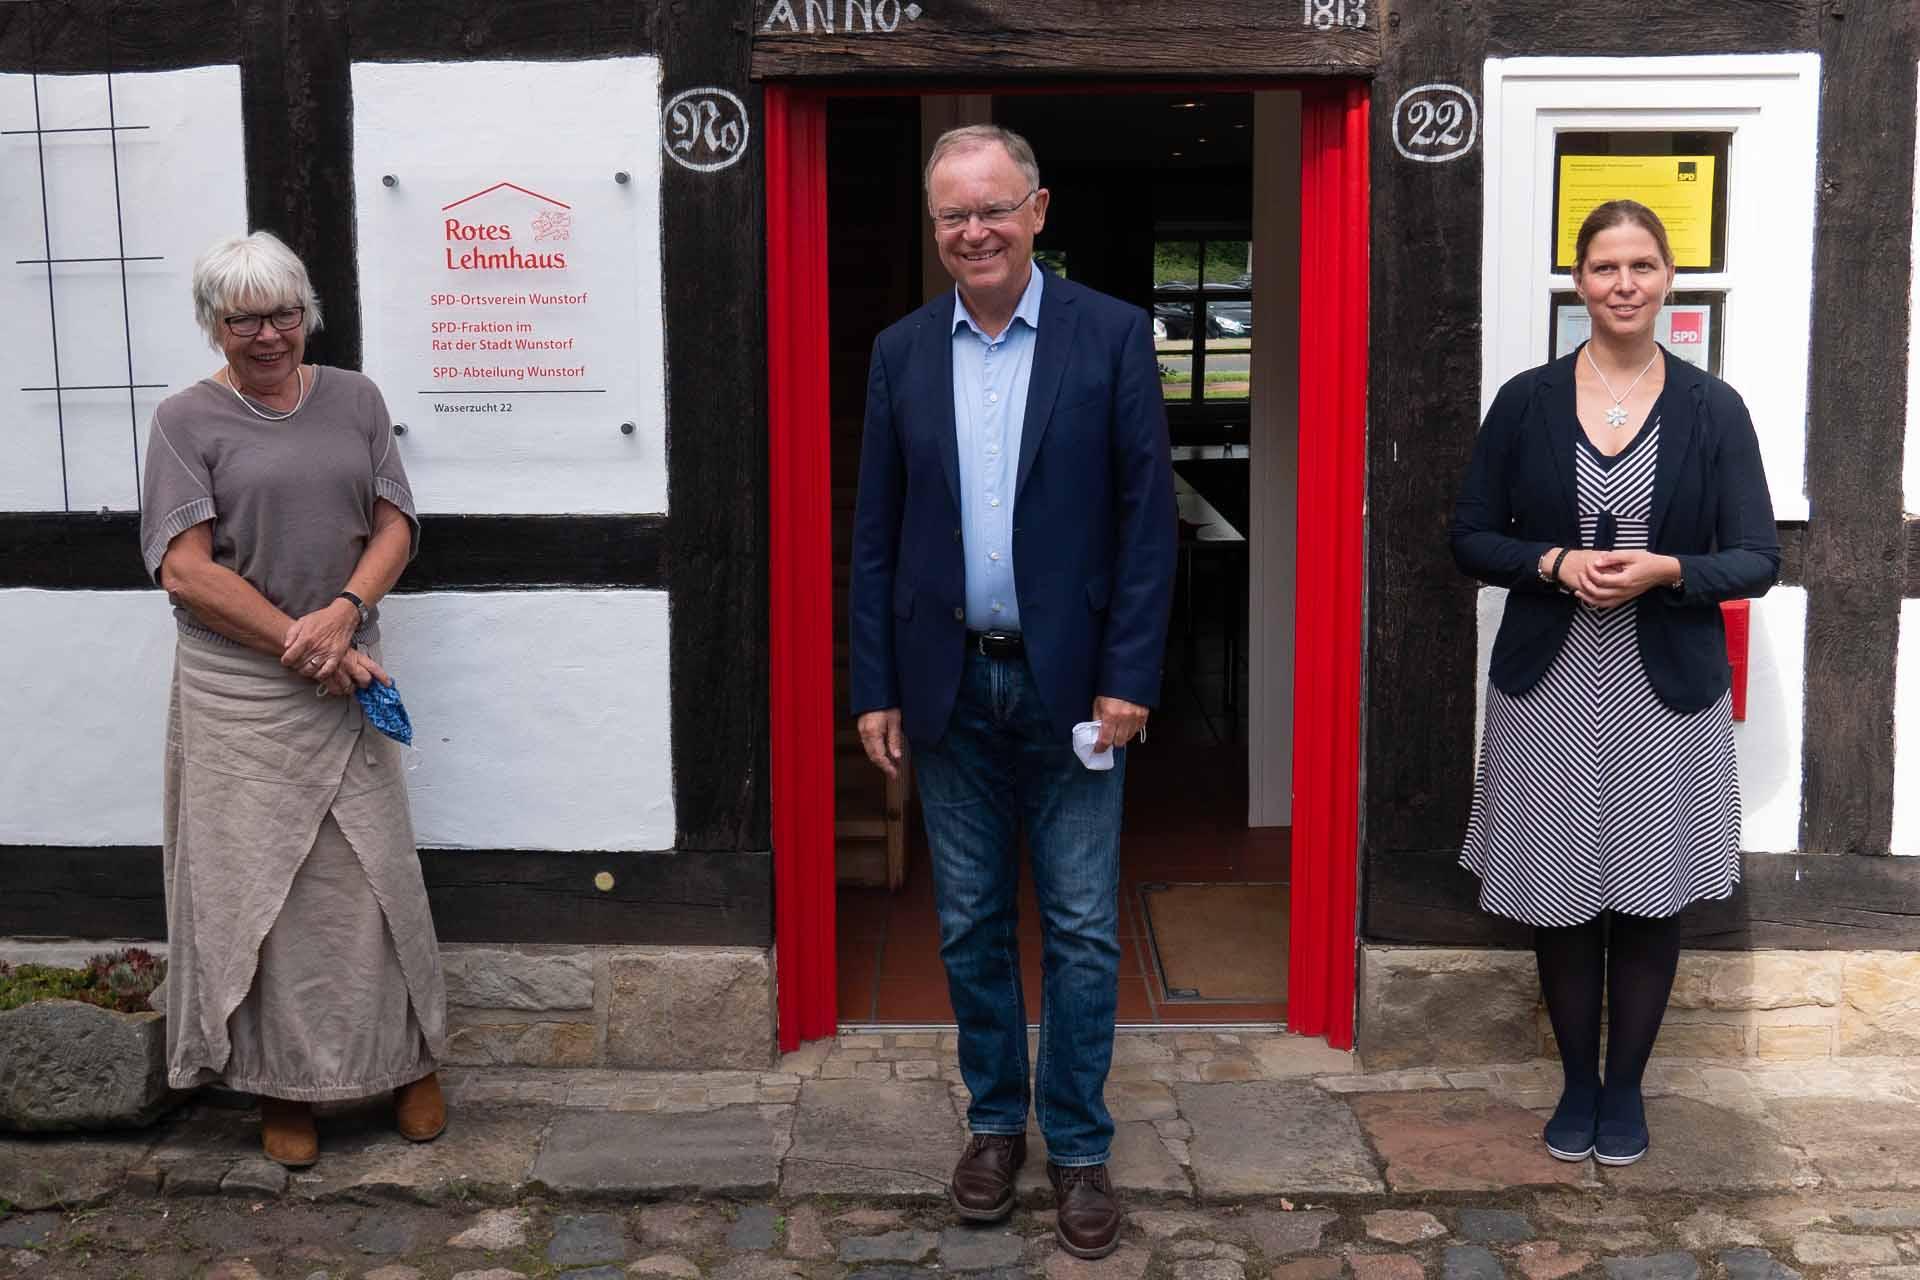 Ministerpräsident Weil im Roten Lehmhaus